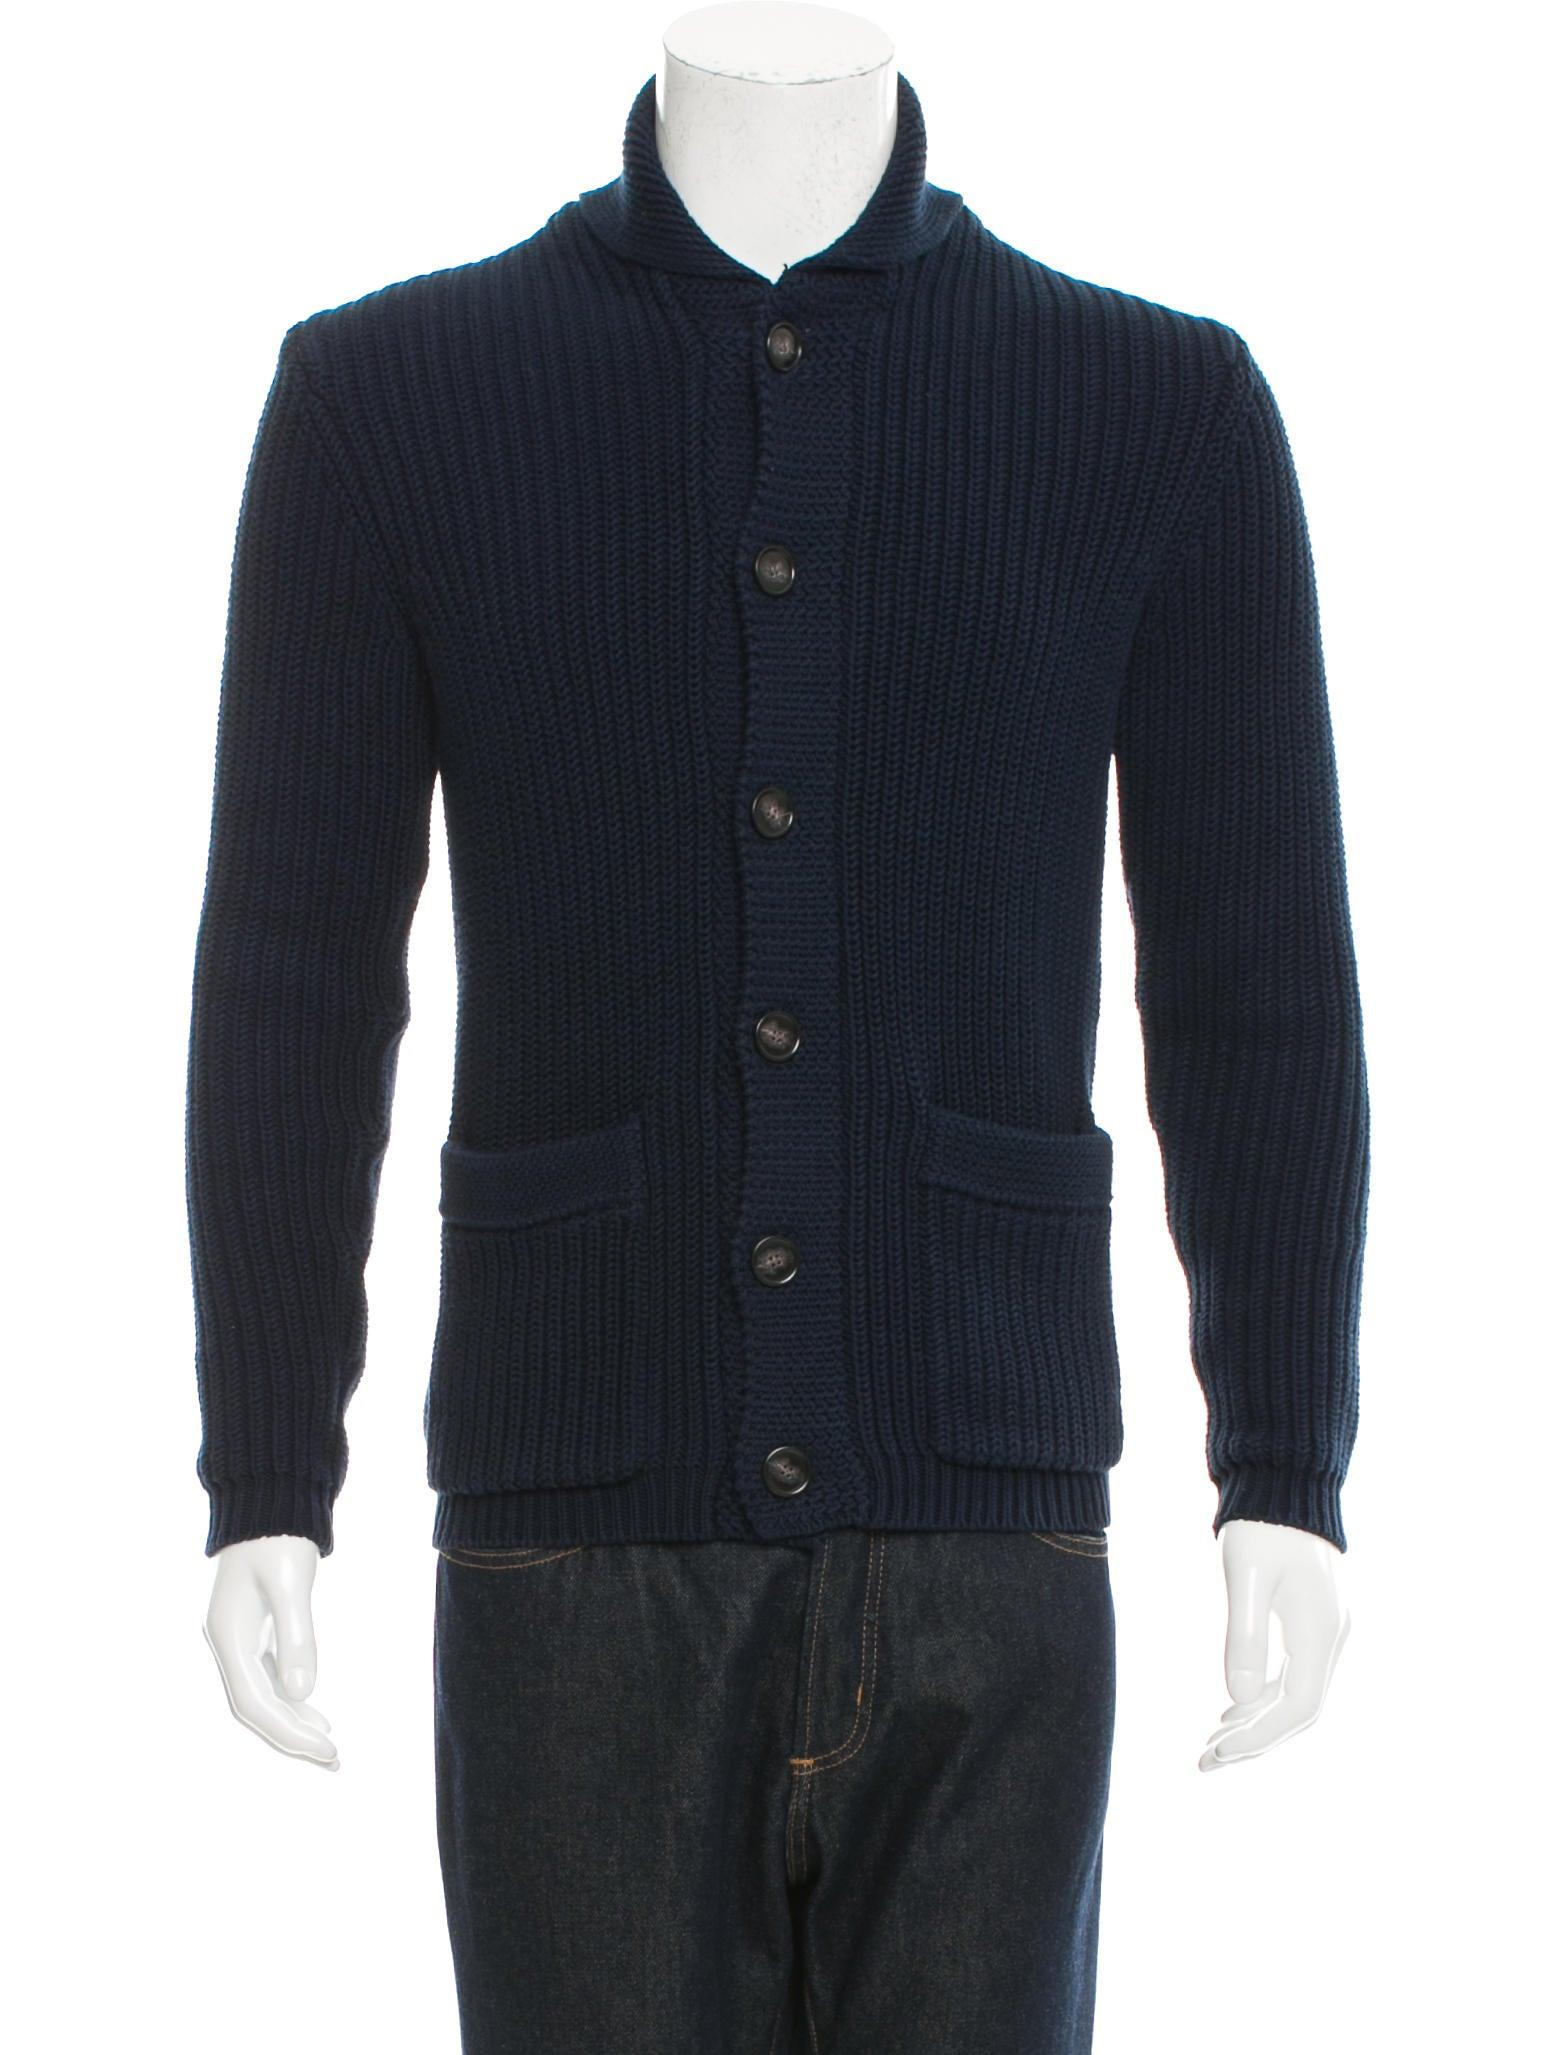 Knitting Cardigan Collar : Ami alexandre mattiussi rib knit shawl collar cardigan